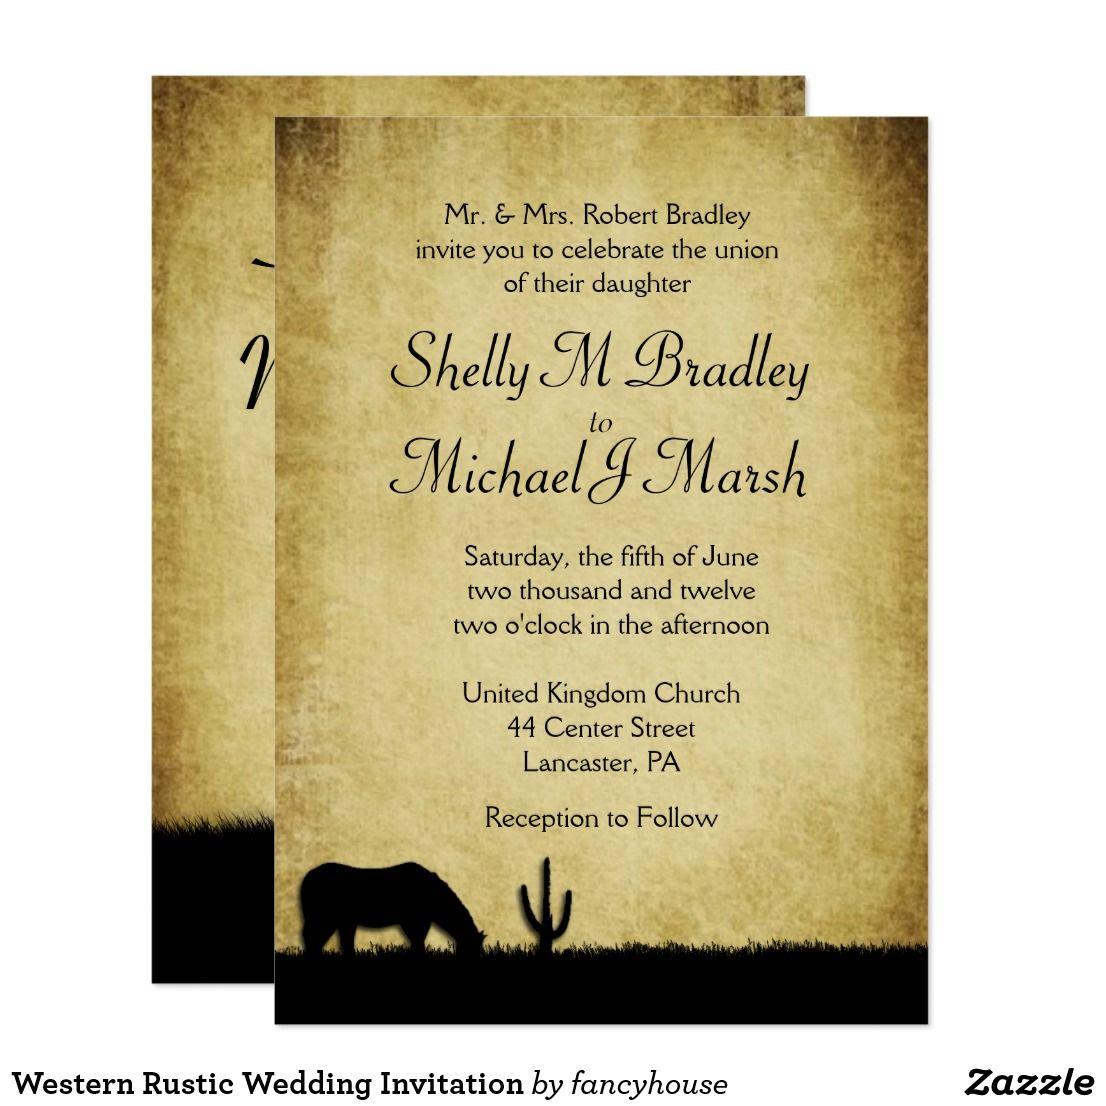 Western Rustic Wedding Invitation | Weddings